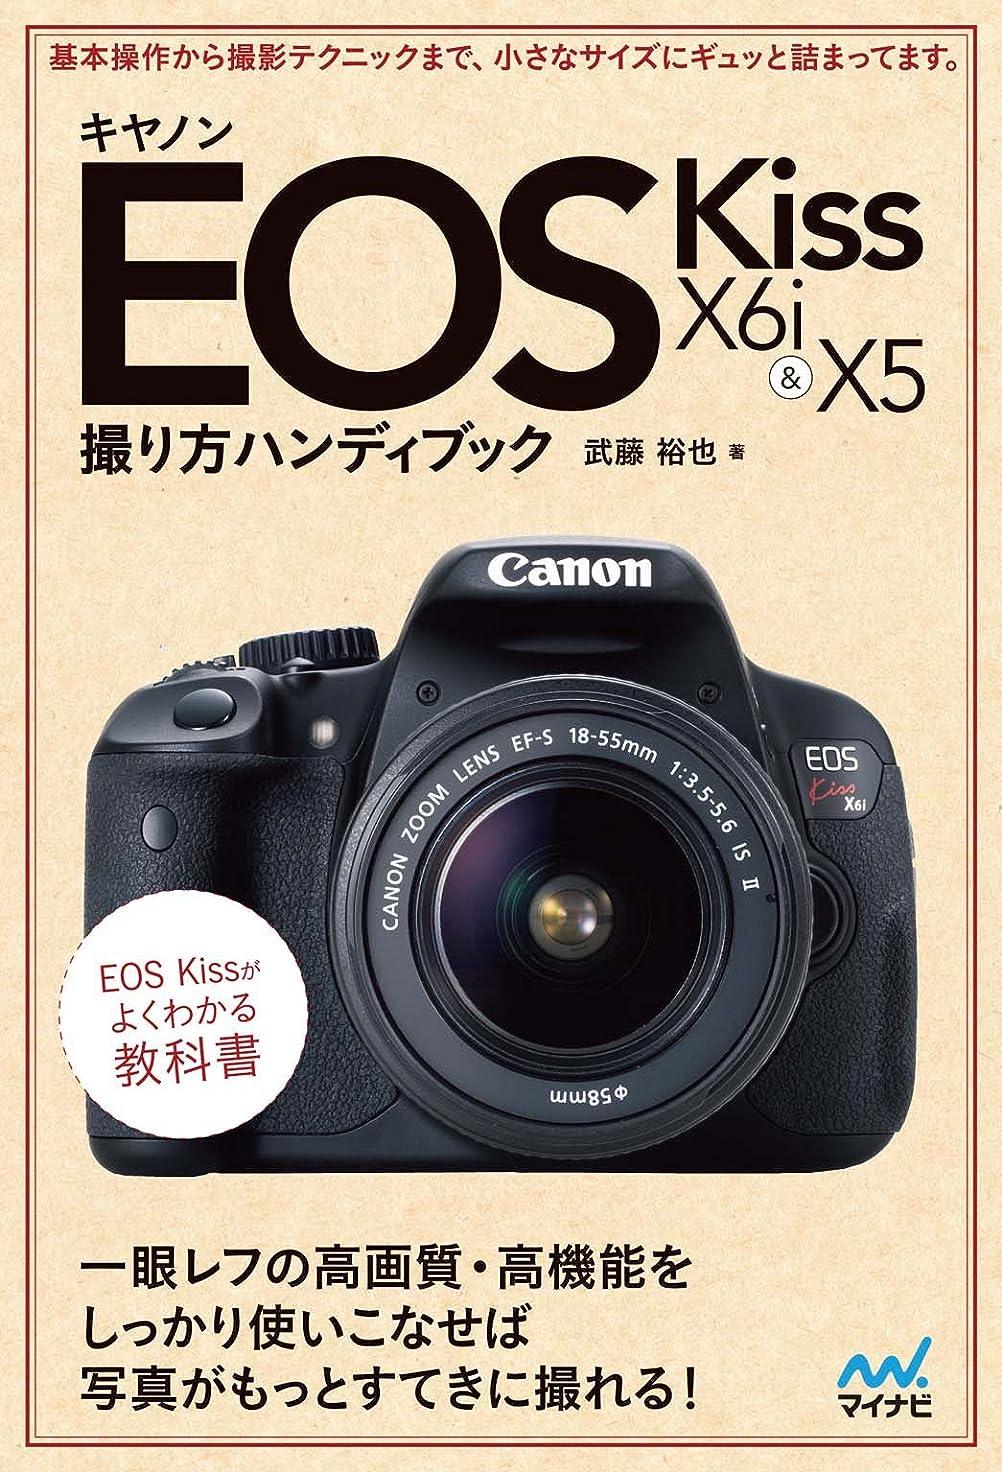 以上しない元のキヤノン EOS Kiss X6i & X5 撮り方ハンディブック